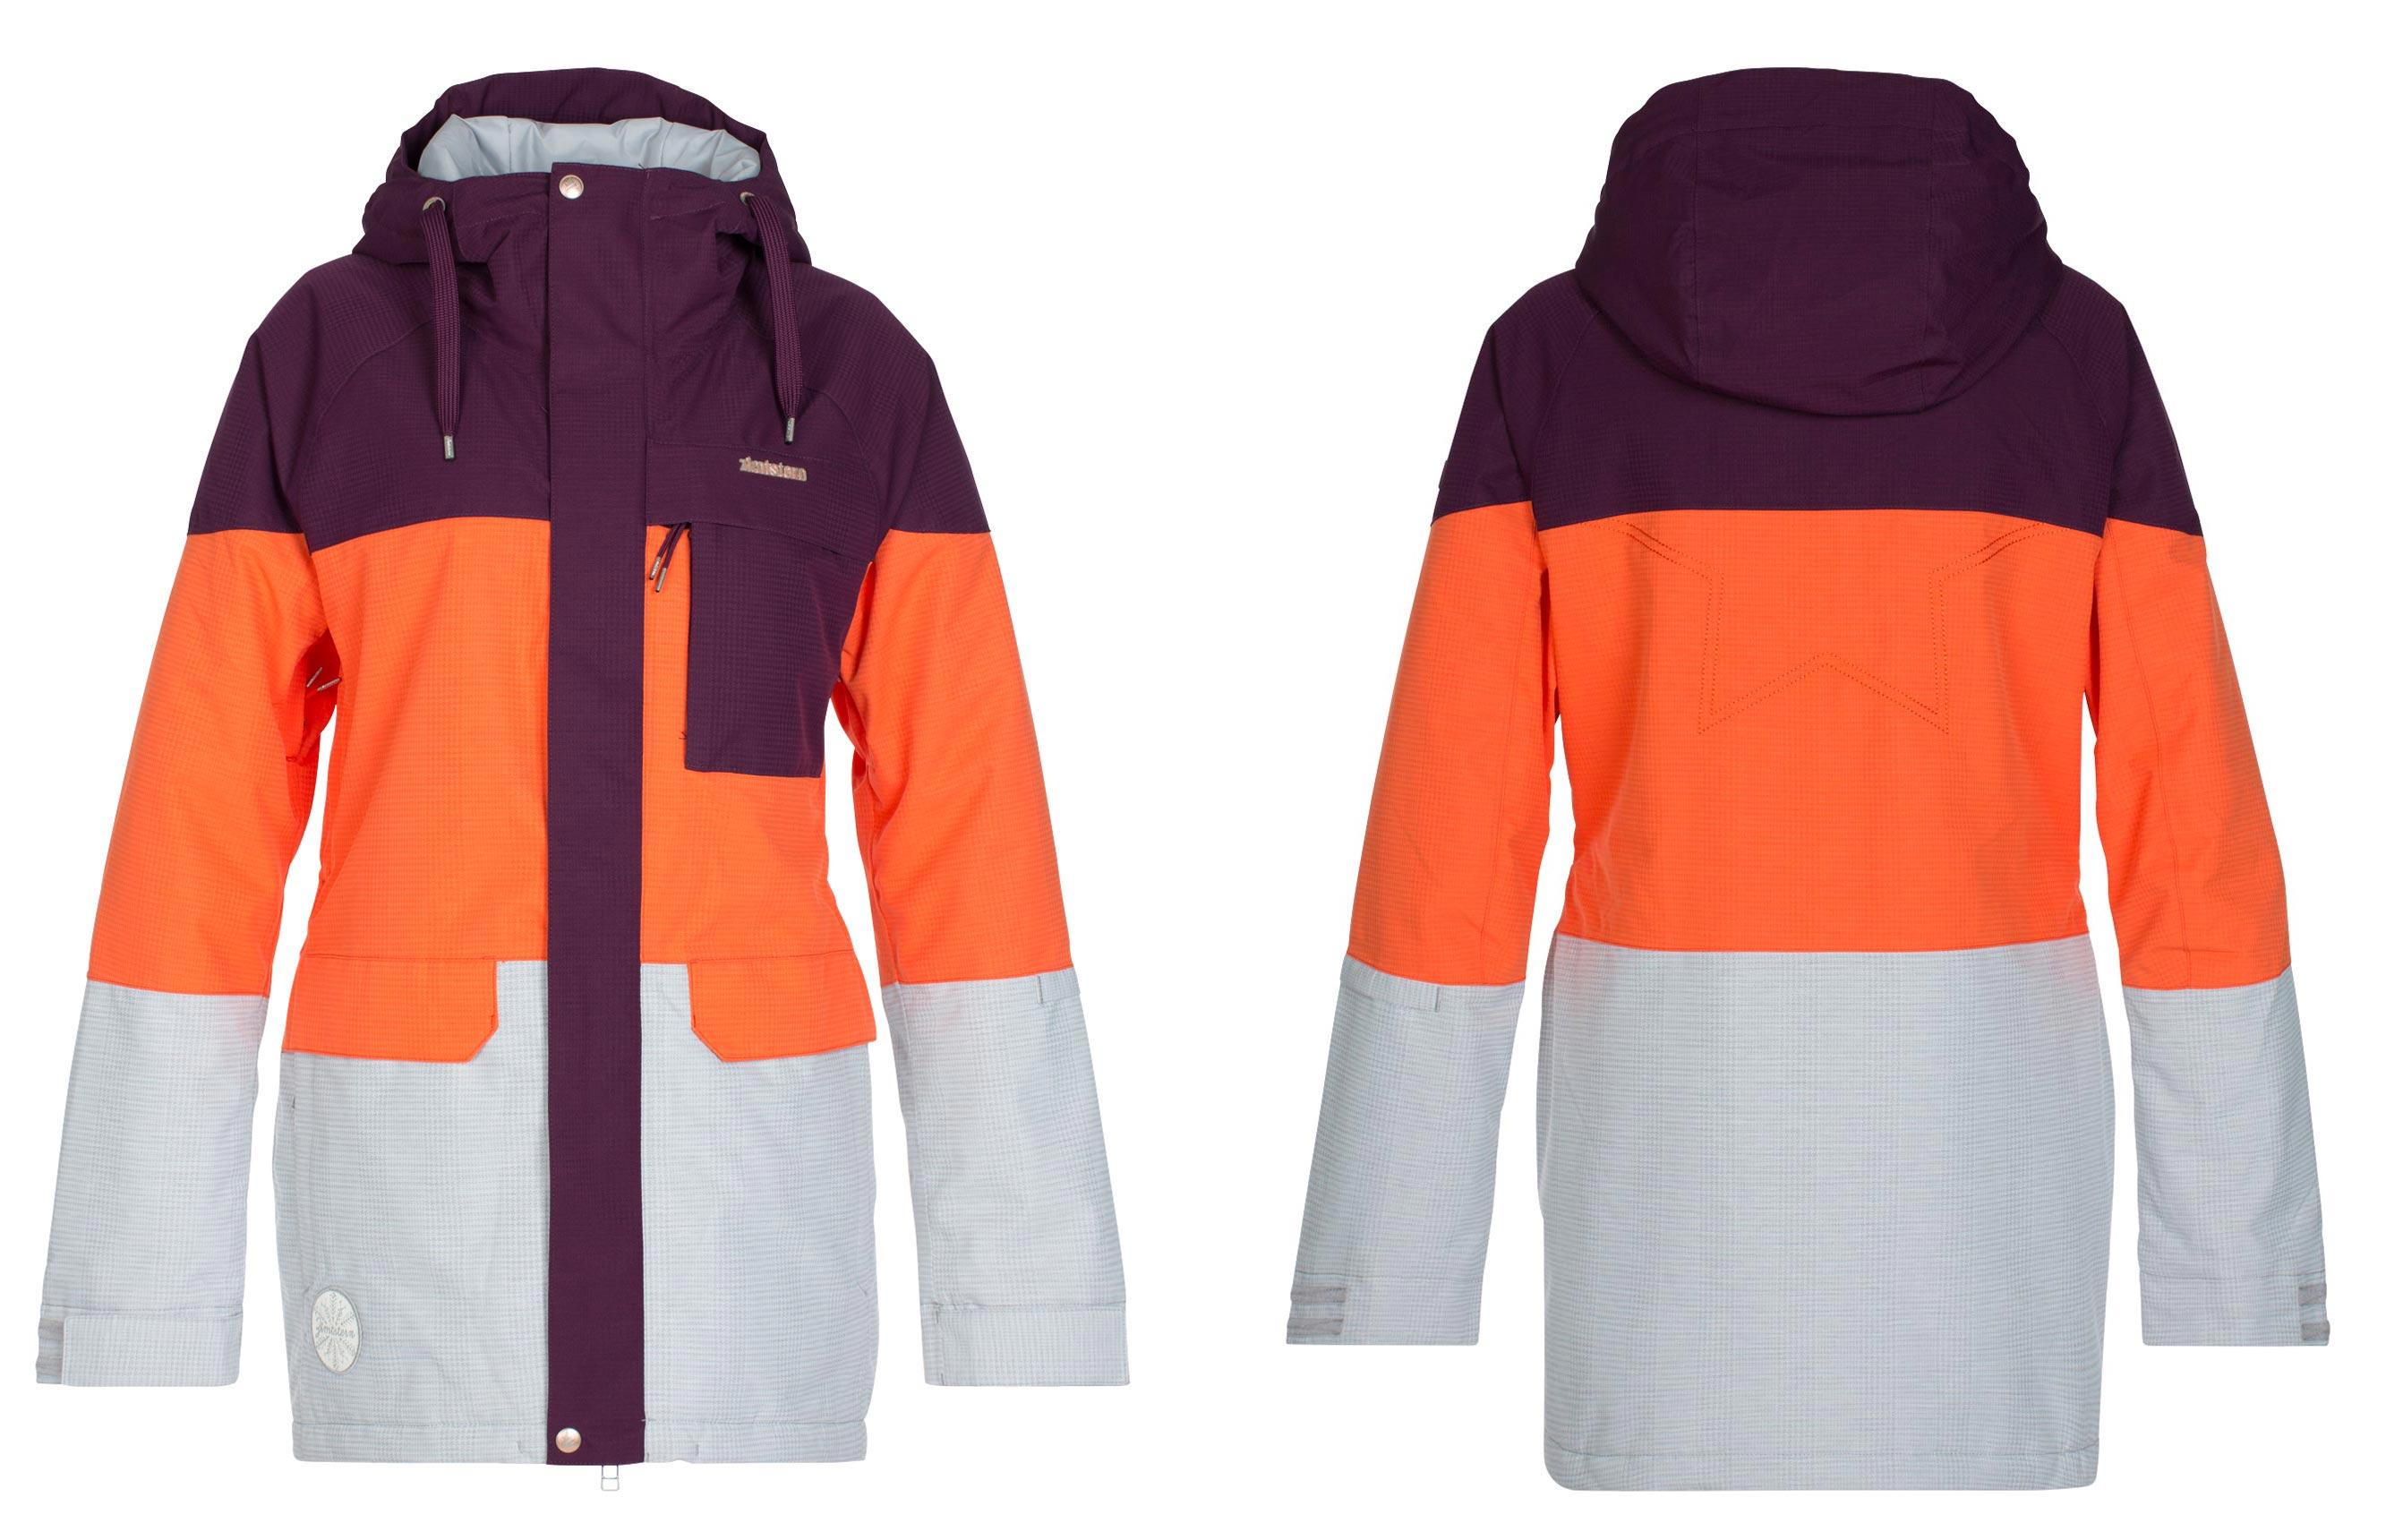 Zimtstern Millez Jacket für Damen - Farbe: Plum